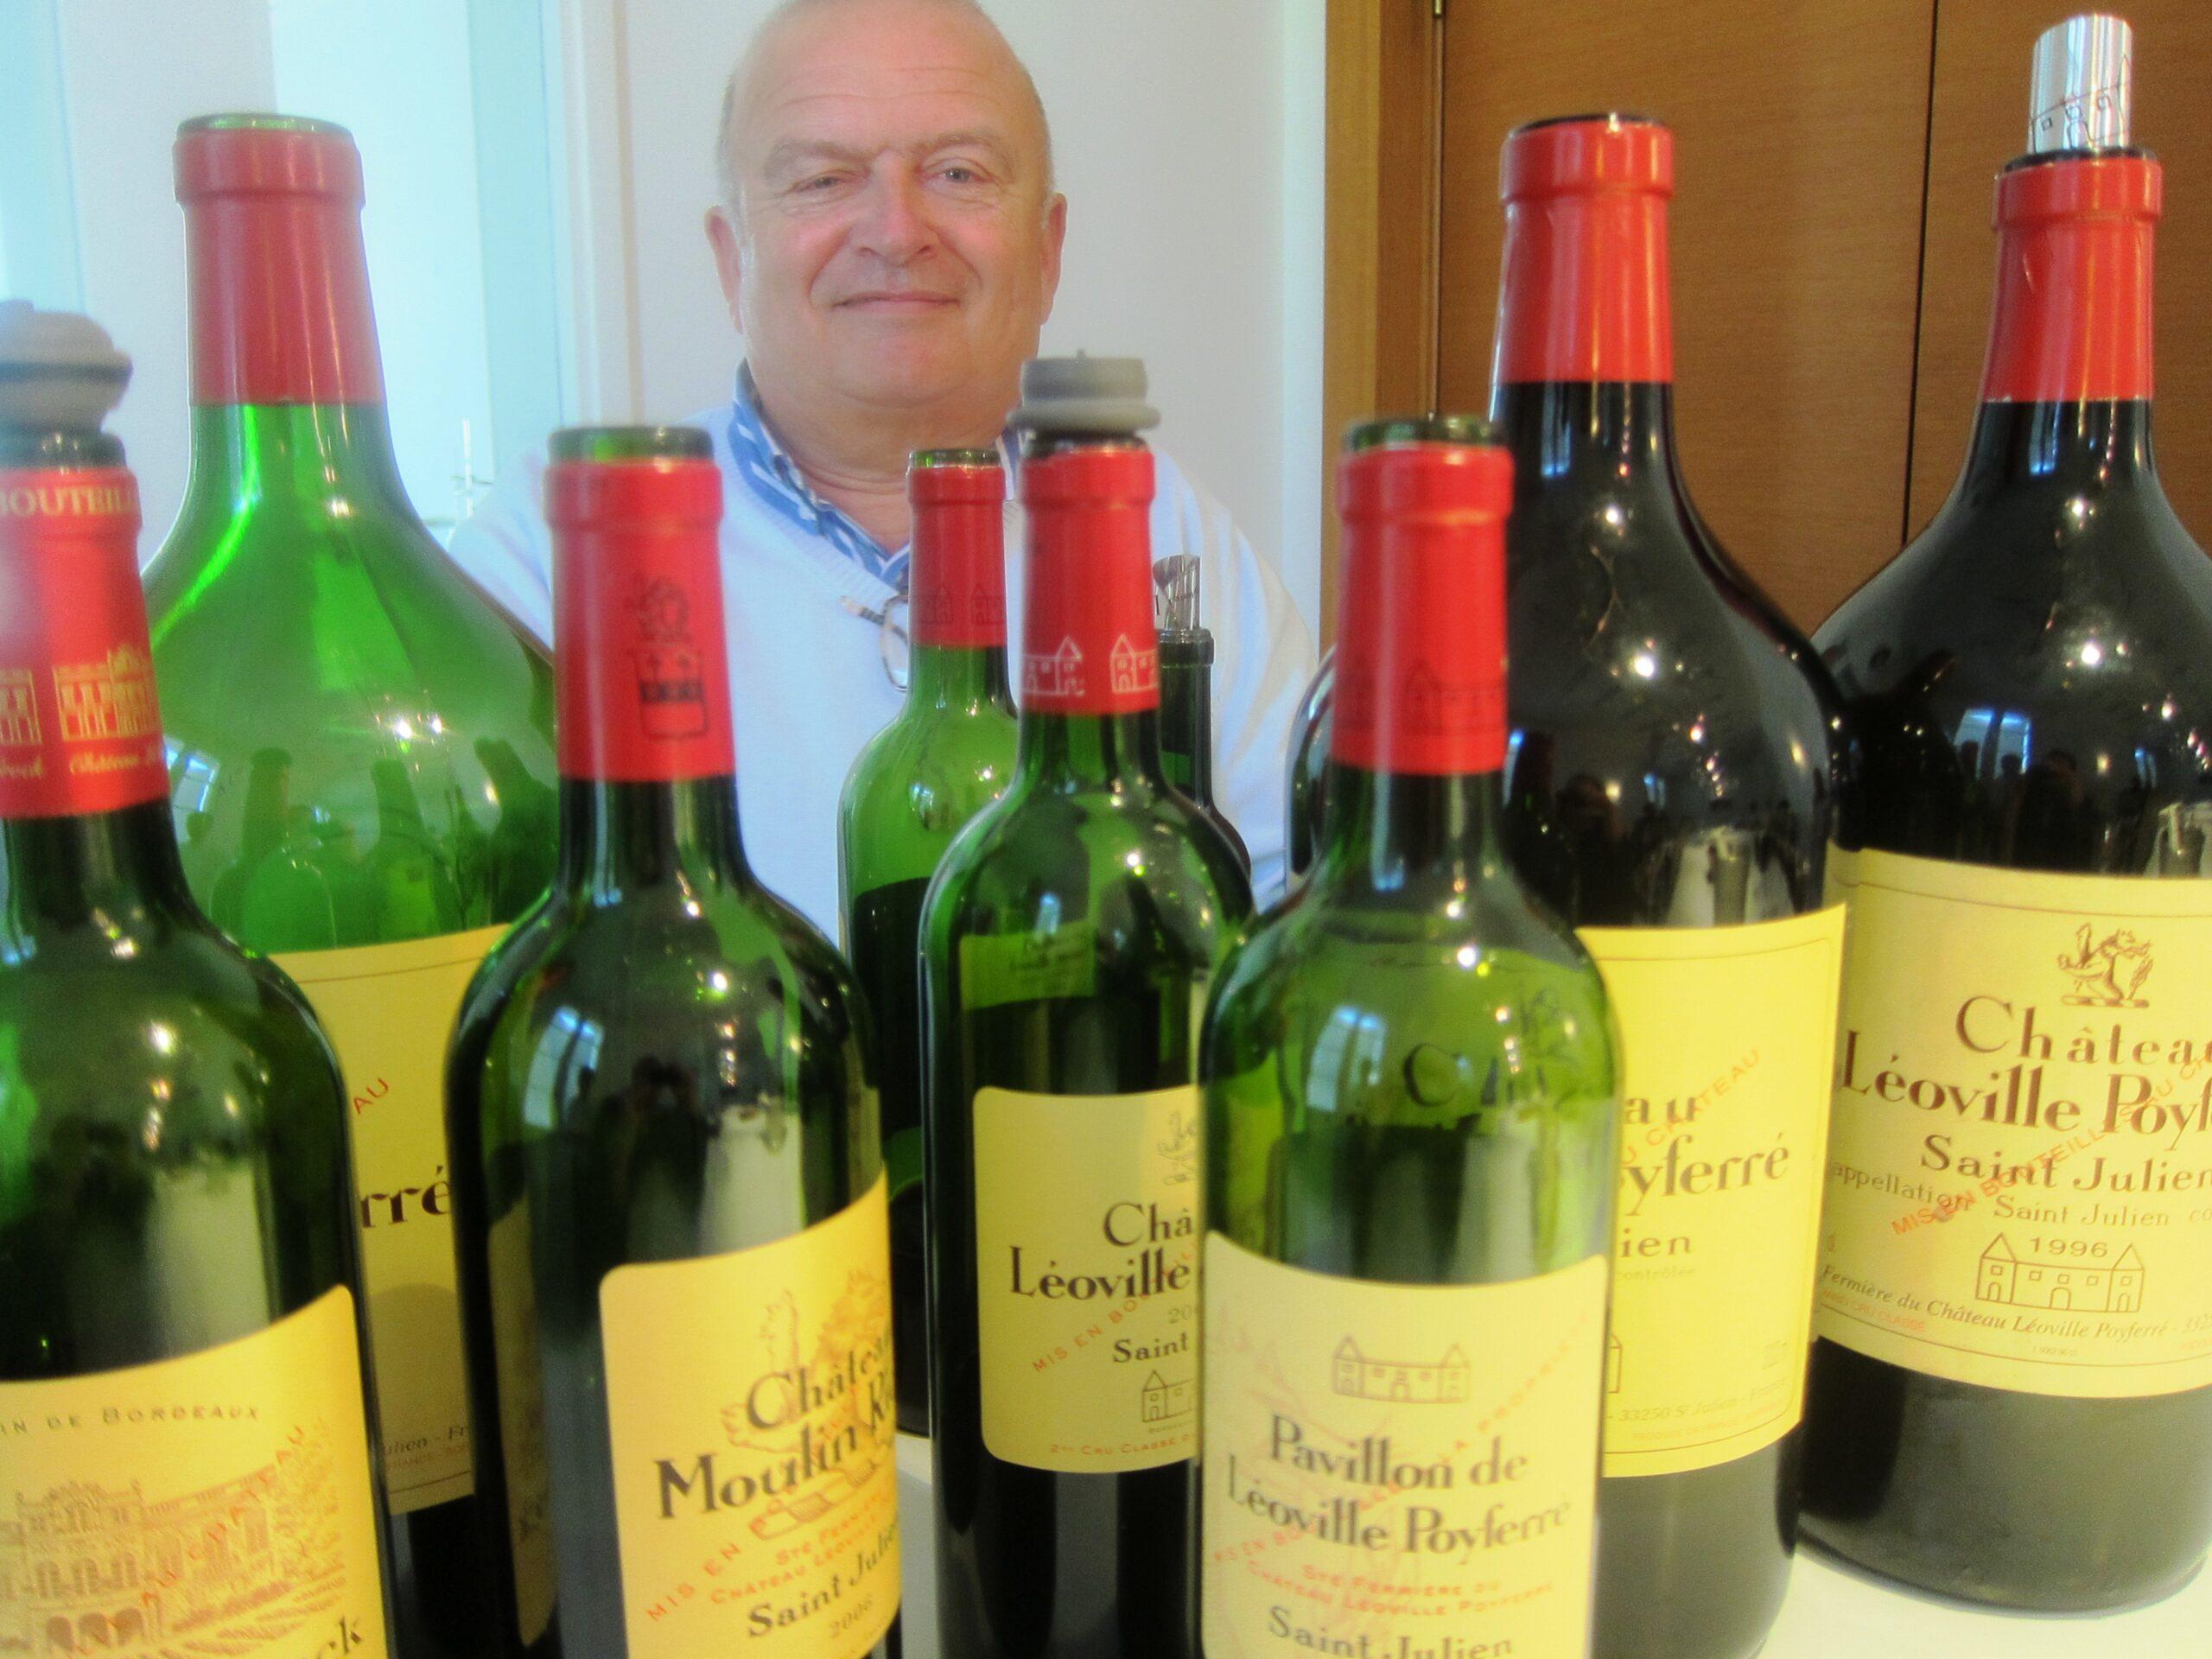 Chateau Leoville Poyferre Super Second Bordeaux Wine?